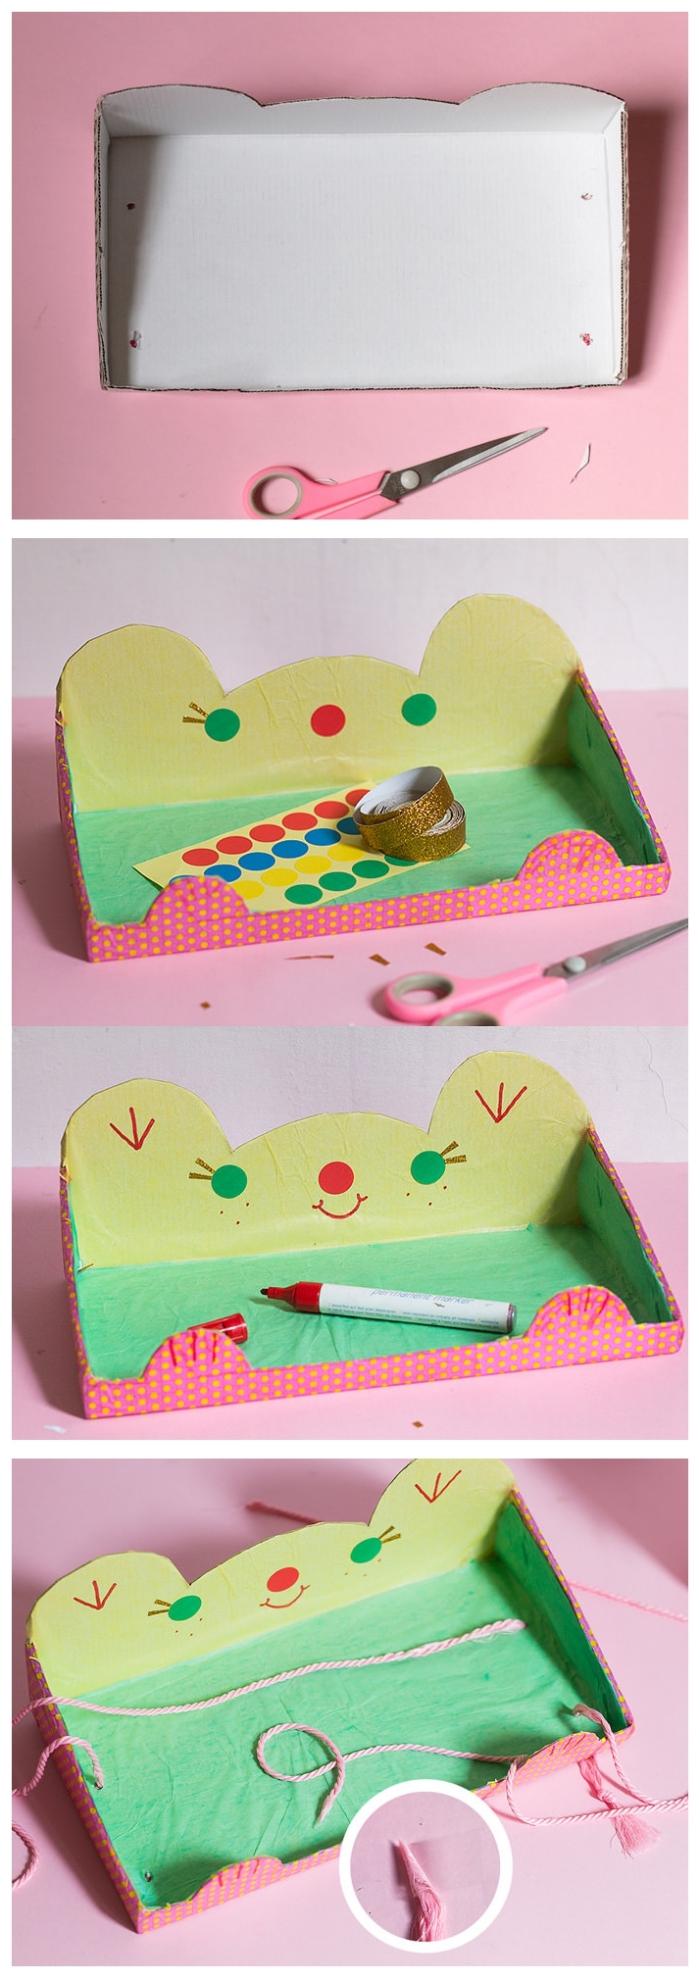 tuto facile pour réaliser une étagère suspendue en carton à partir d'une boîte à chaussures recyclée, deco recup facile avec du carton recyclé